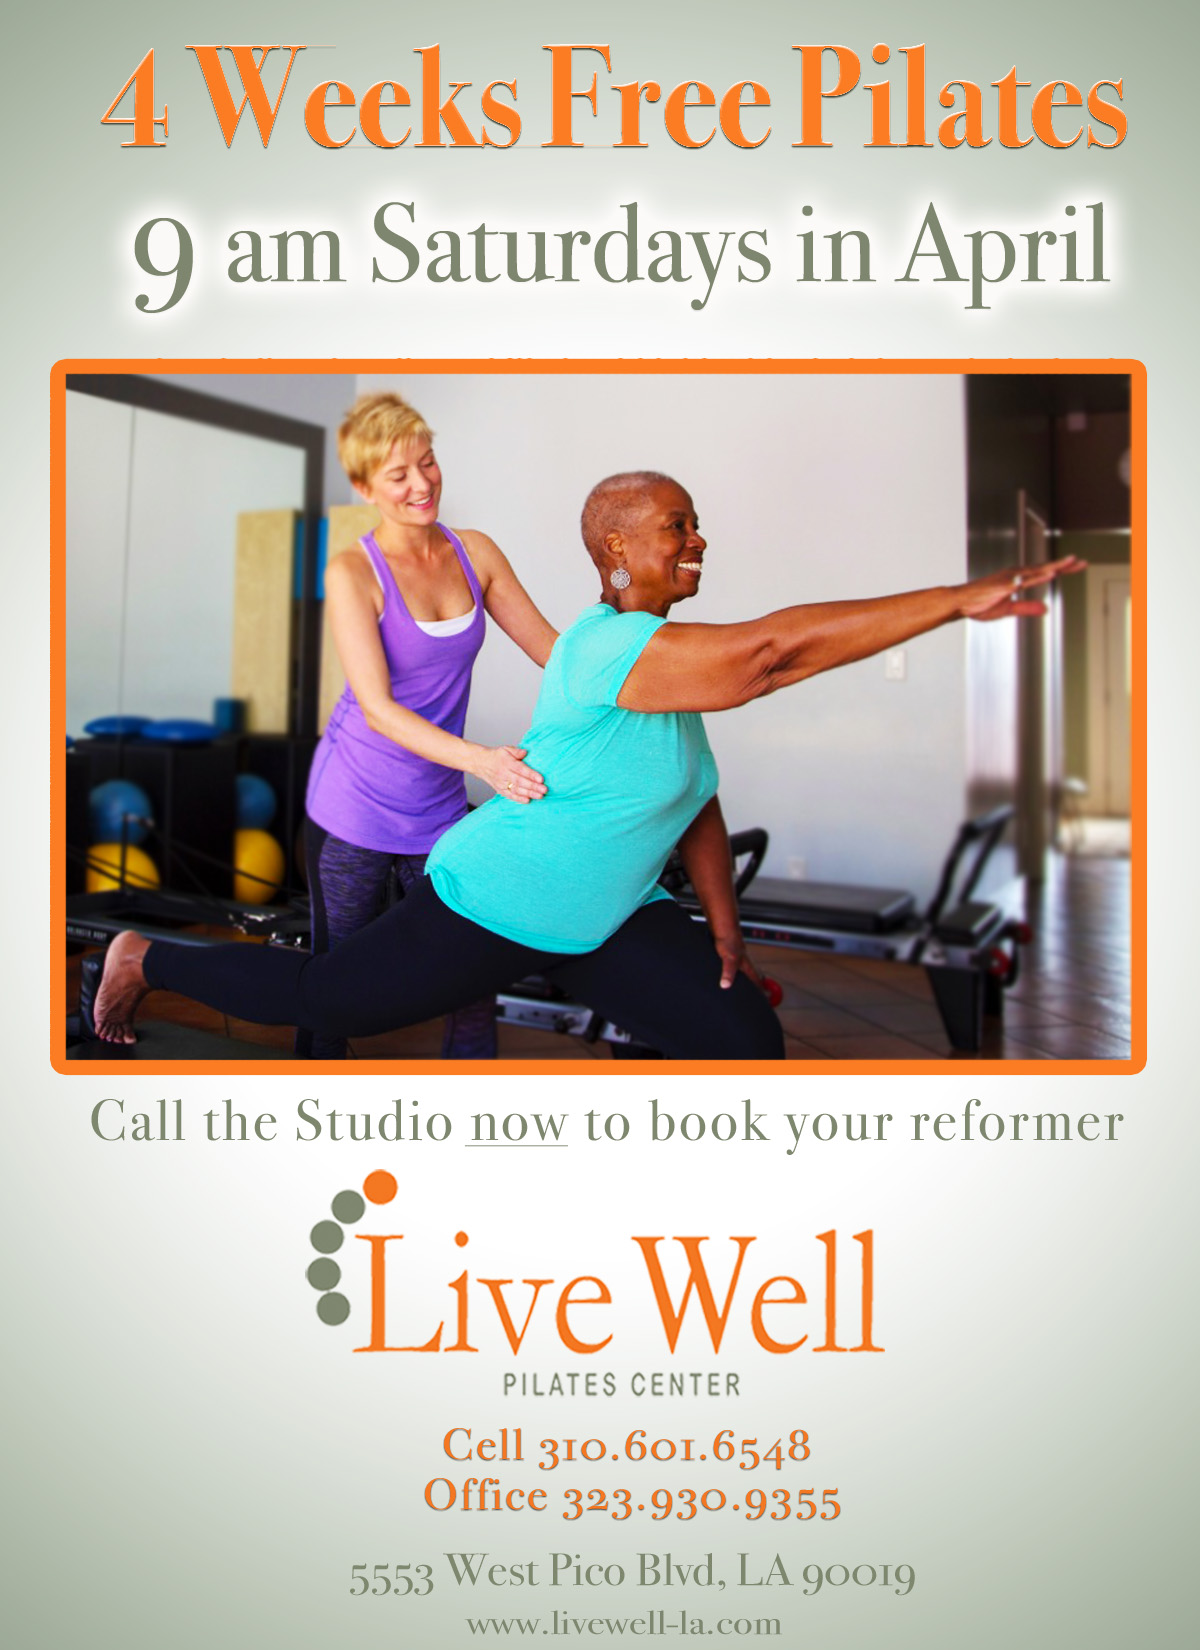 Jo-Anne Pilates April